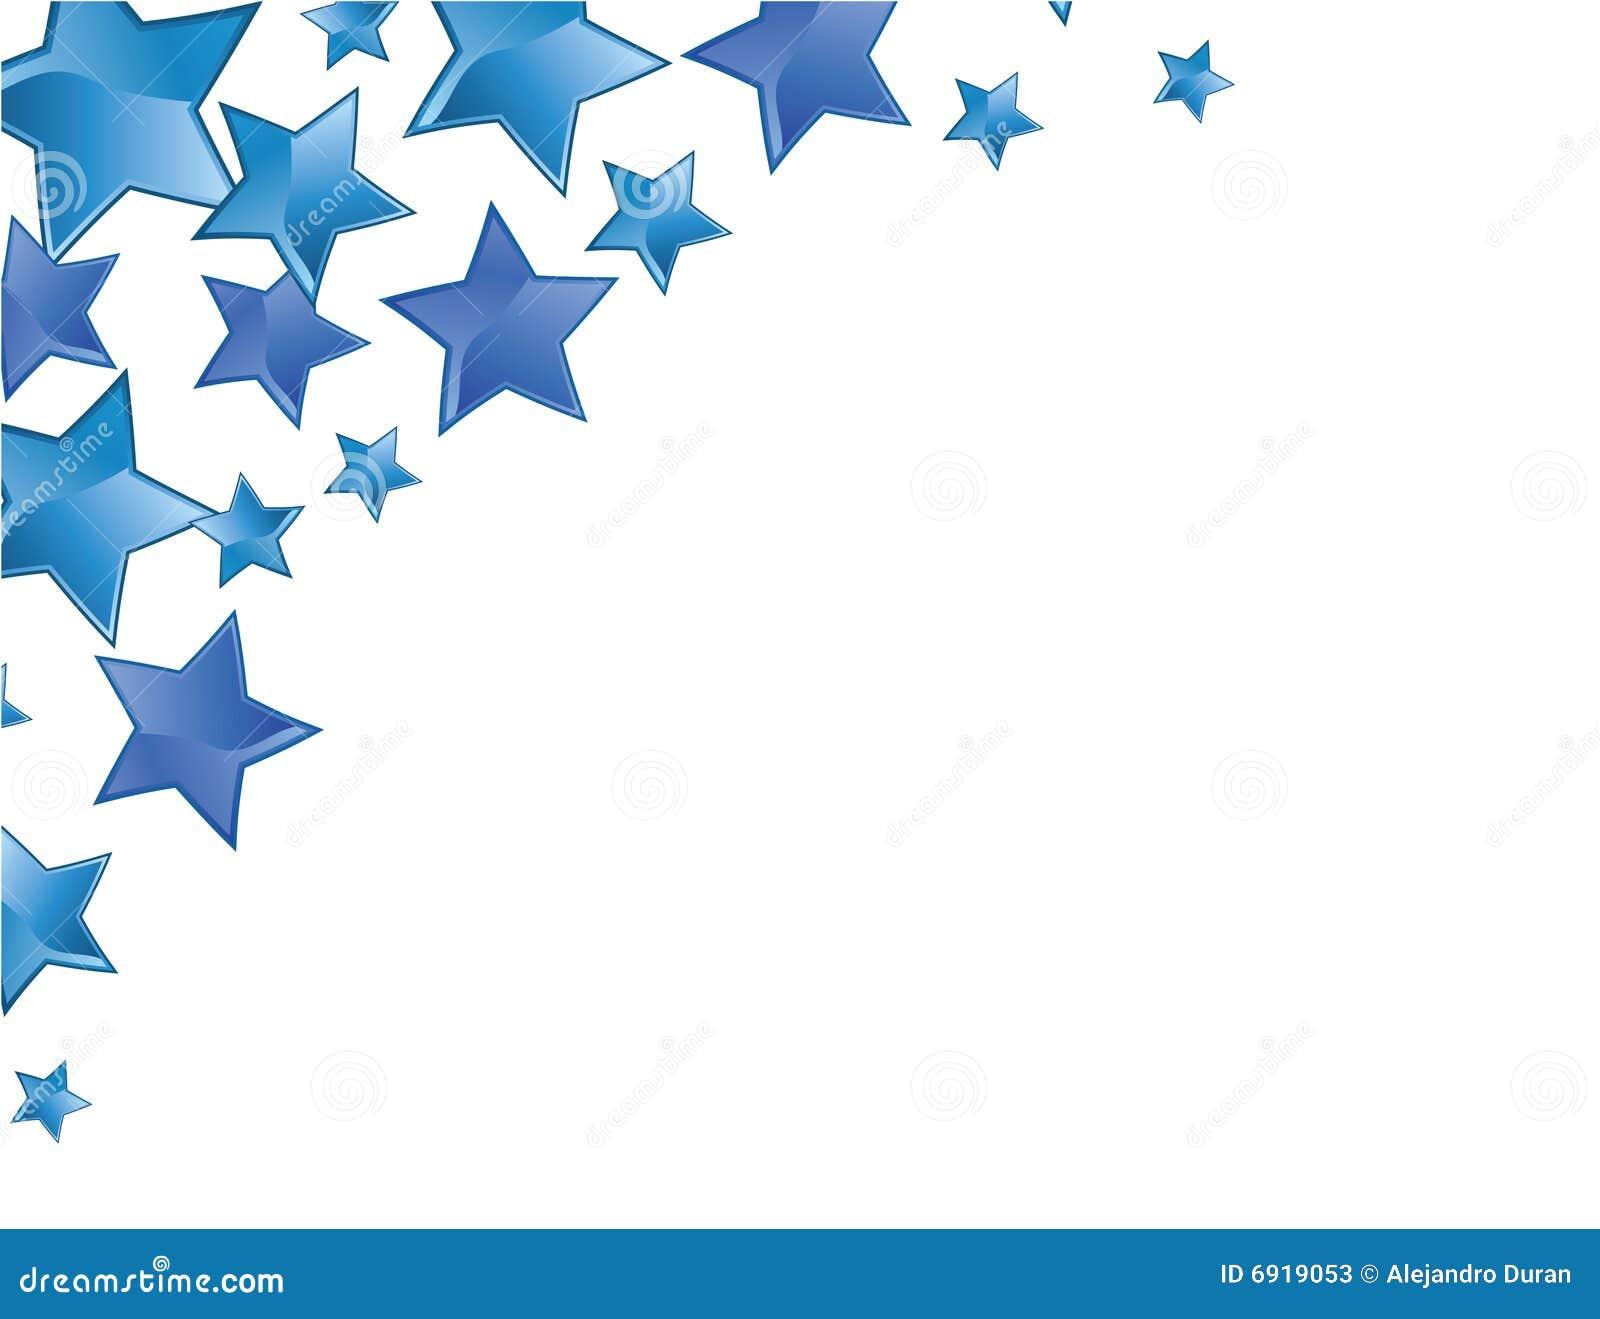 Marco De Las Estrellas Azules Ilustración del Vector - Ilustración ...